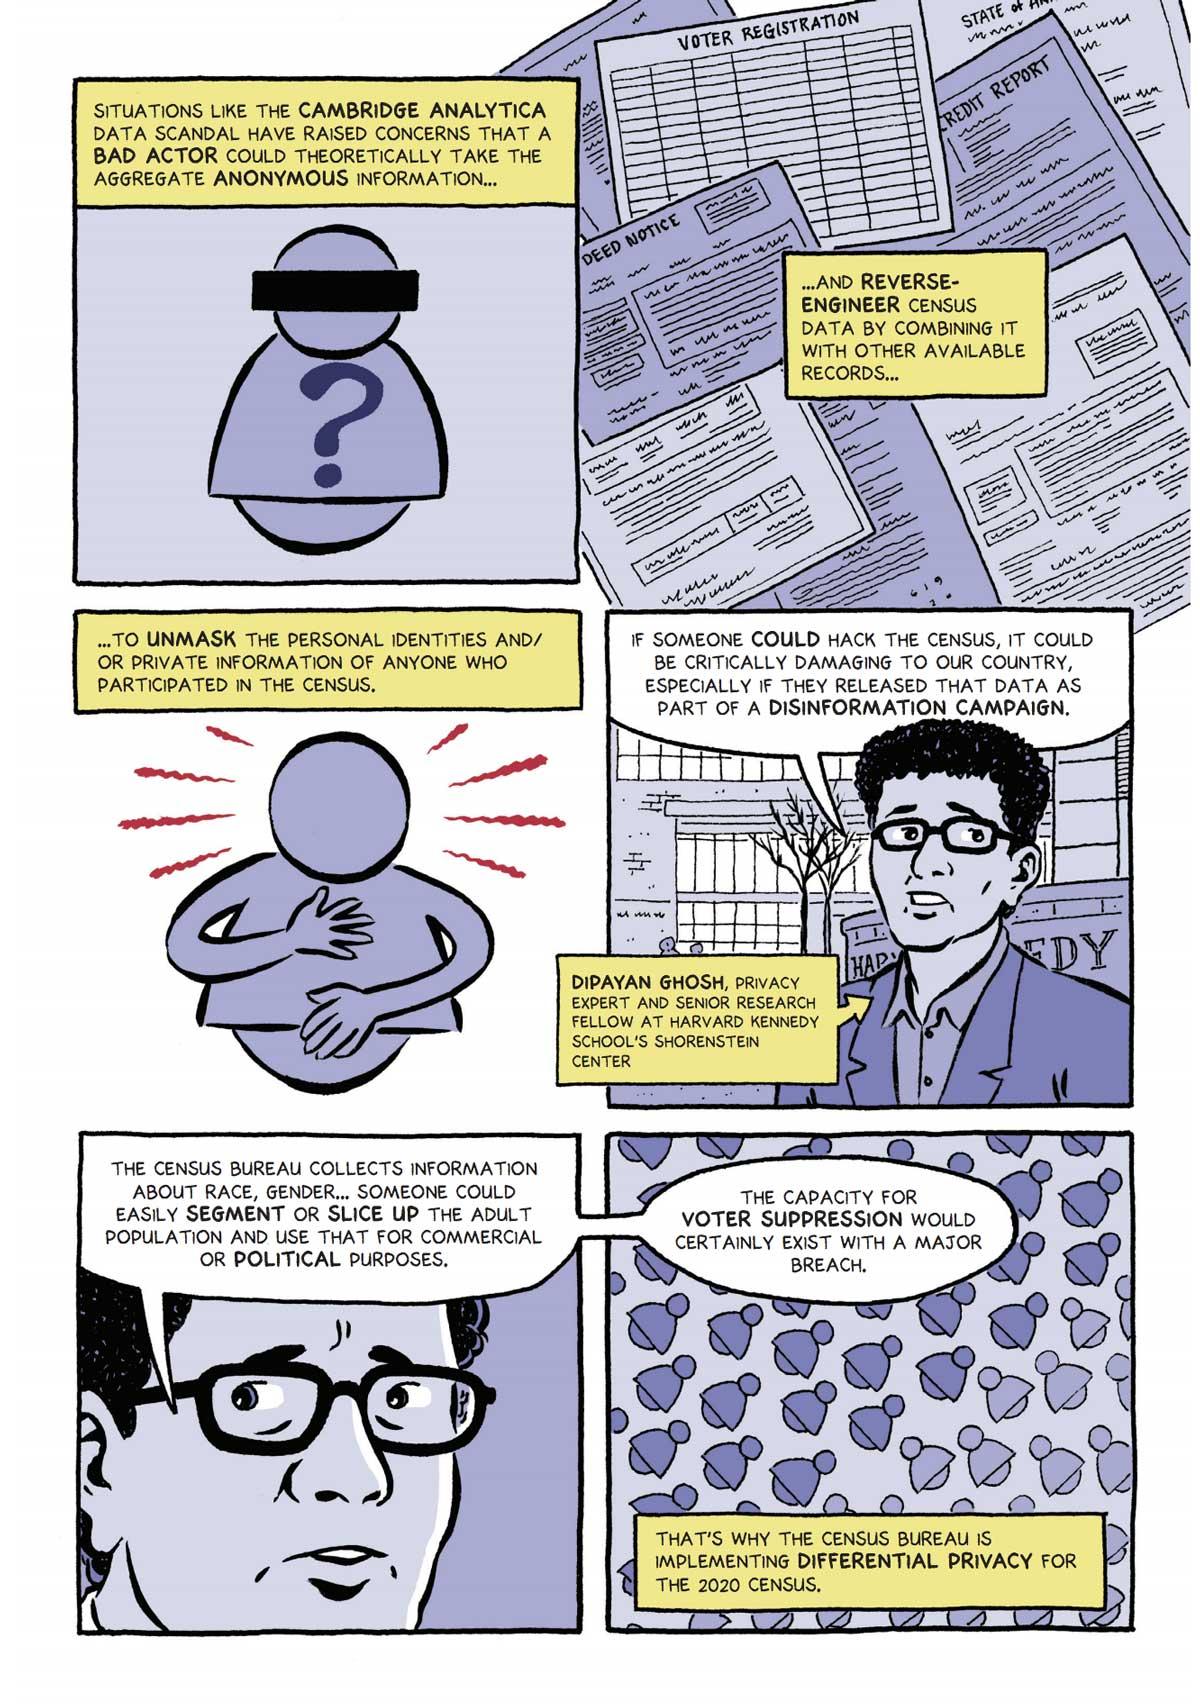 differential privacy explainer 2020 census comic